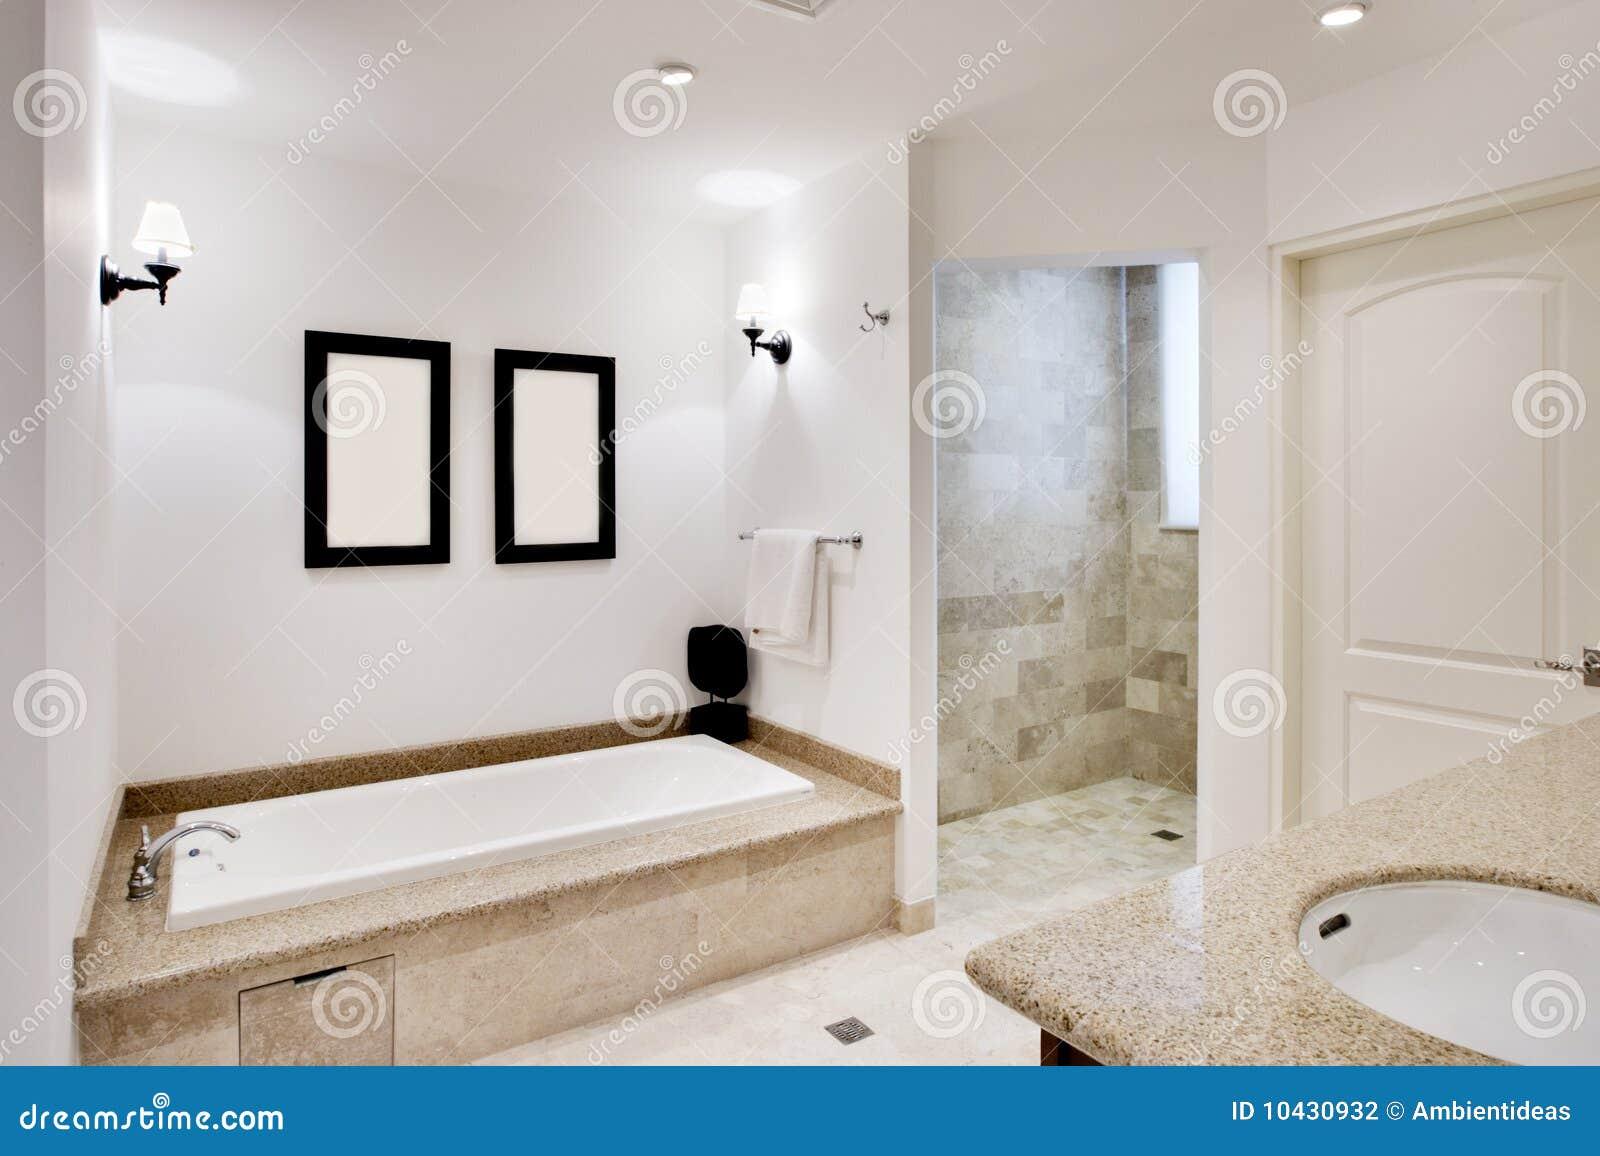 Cuarto de ba o con la tina y la ducha fotograf a de - Cuartos de bano con banera ...